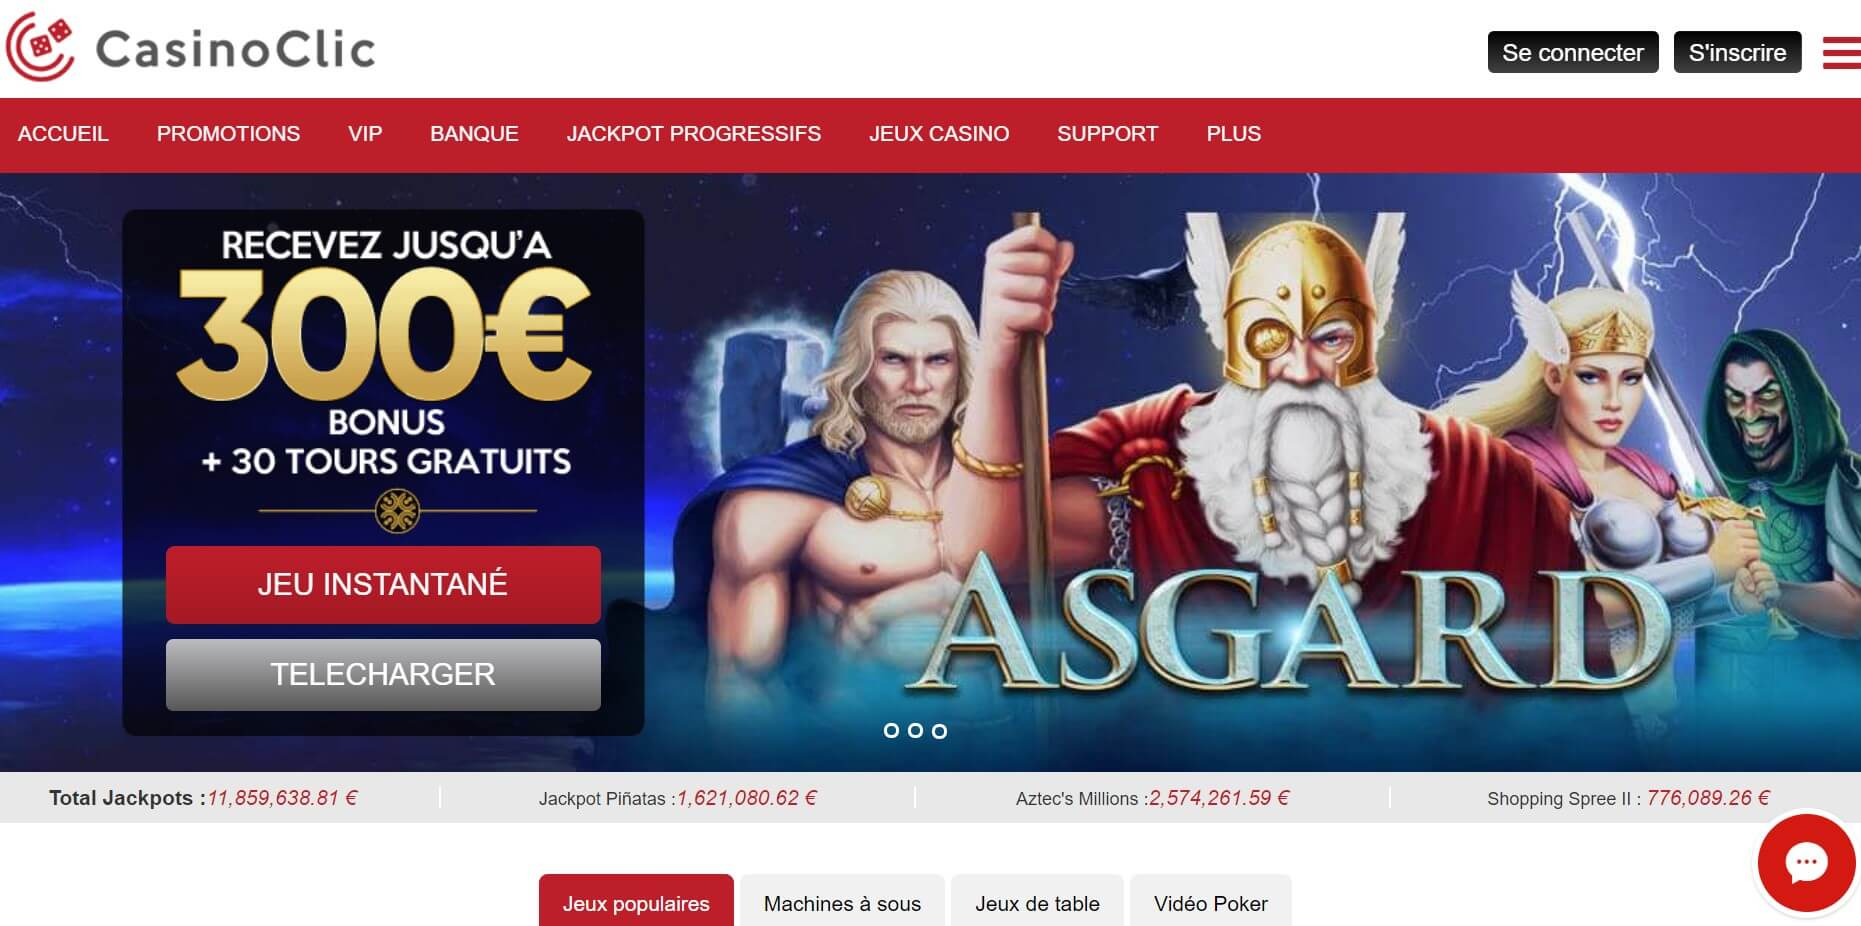 Aujourd'hui, on vous invite à découvrir l'un des casinos les plus marqués, il s'agit bel et bien Casino Clic